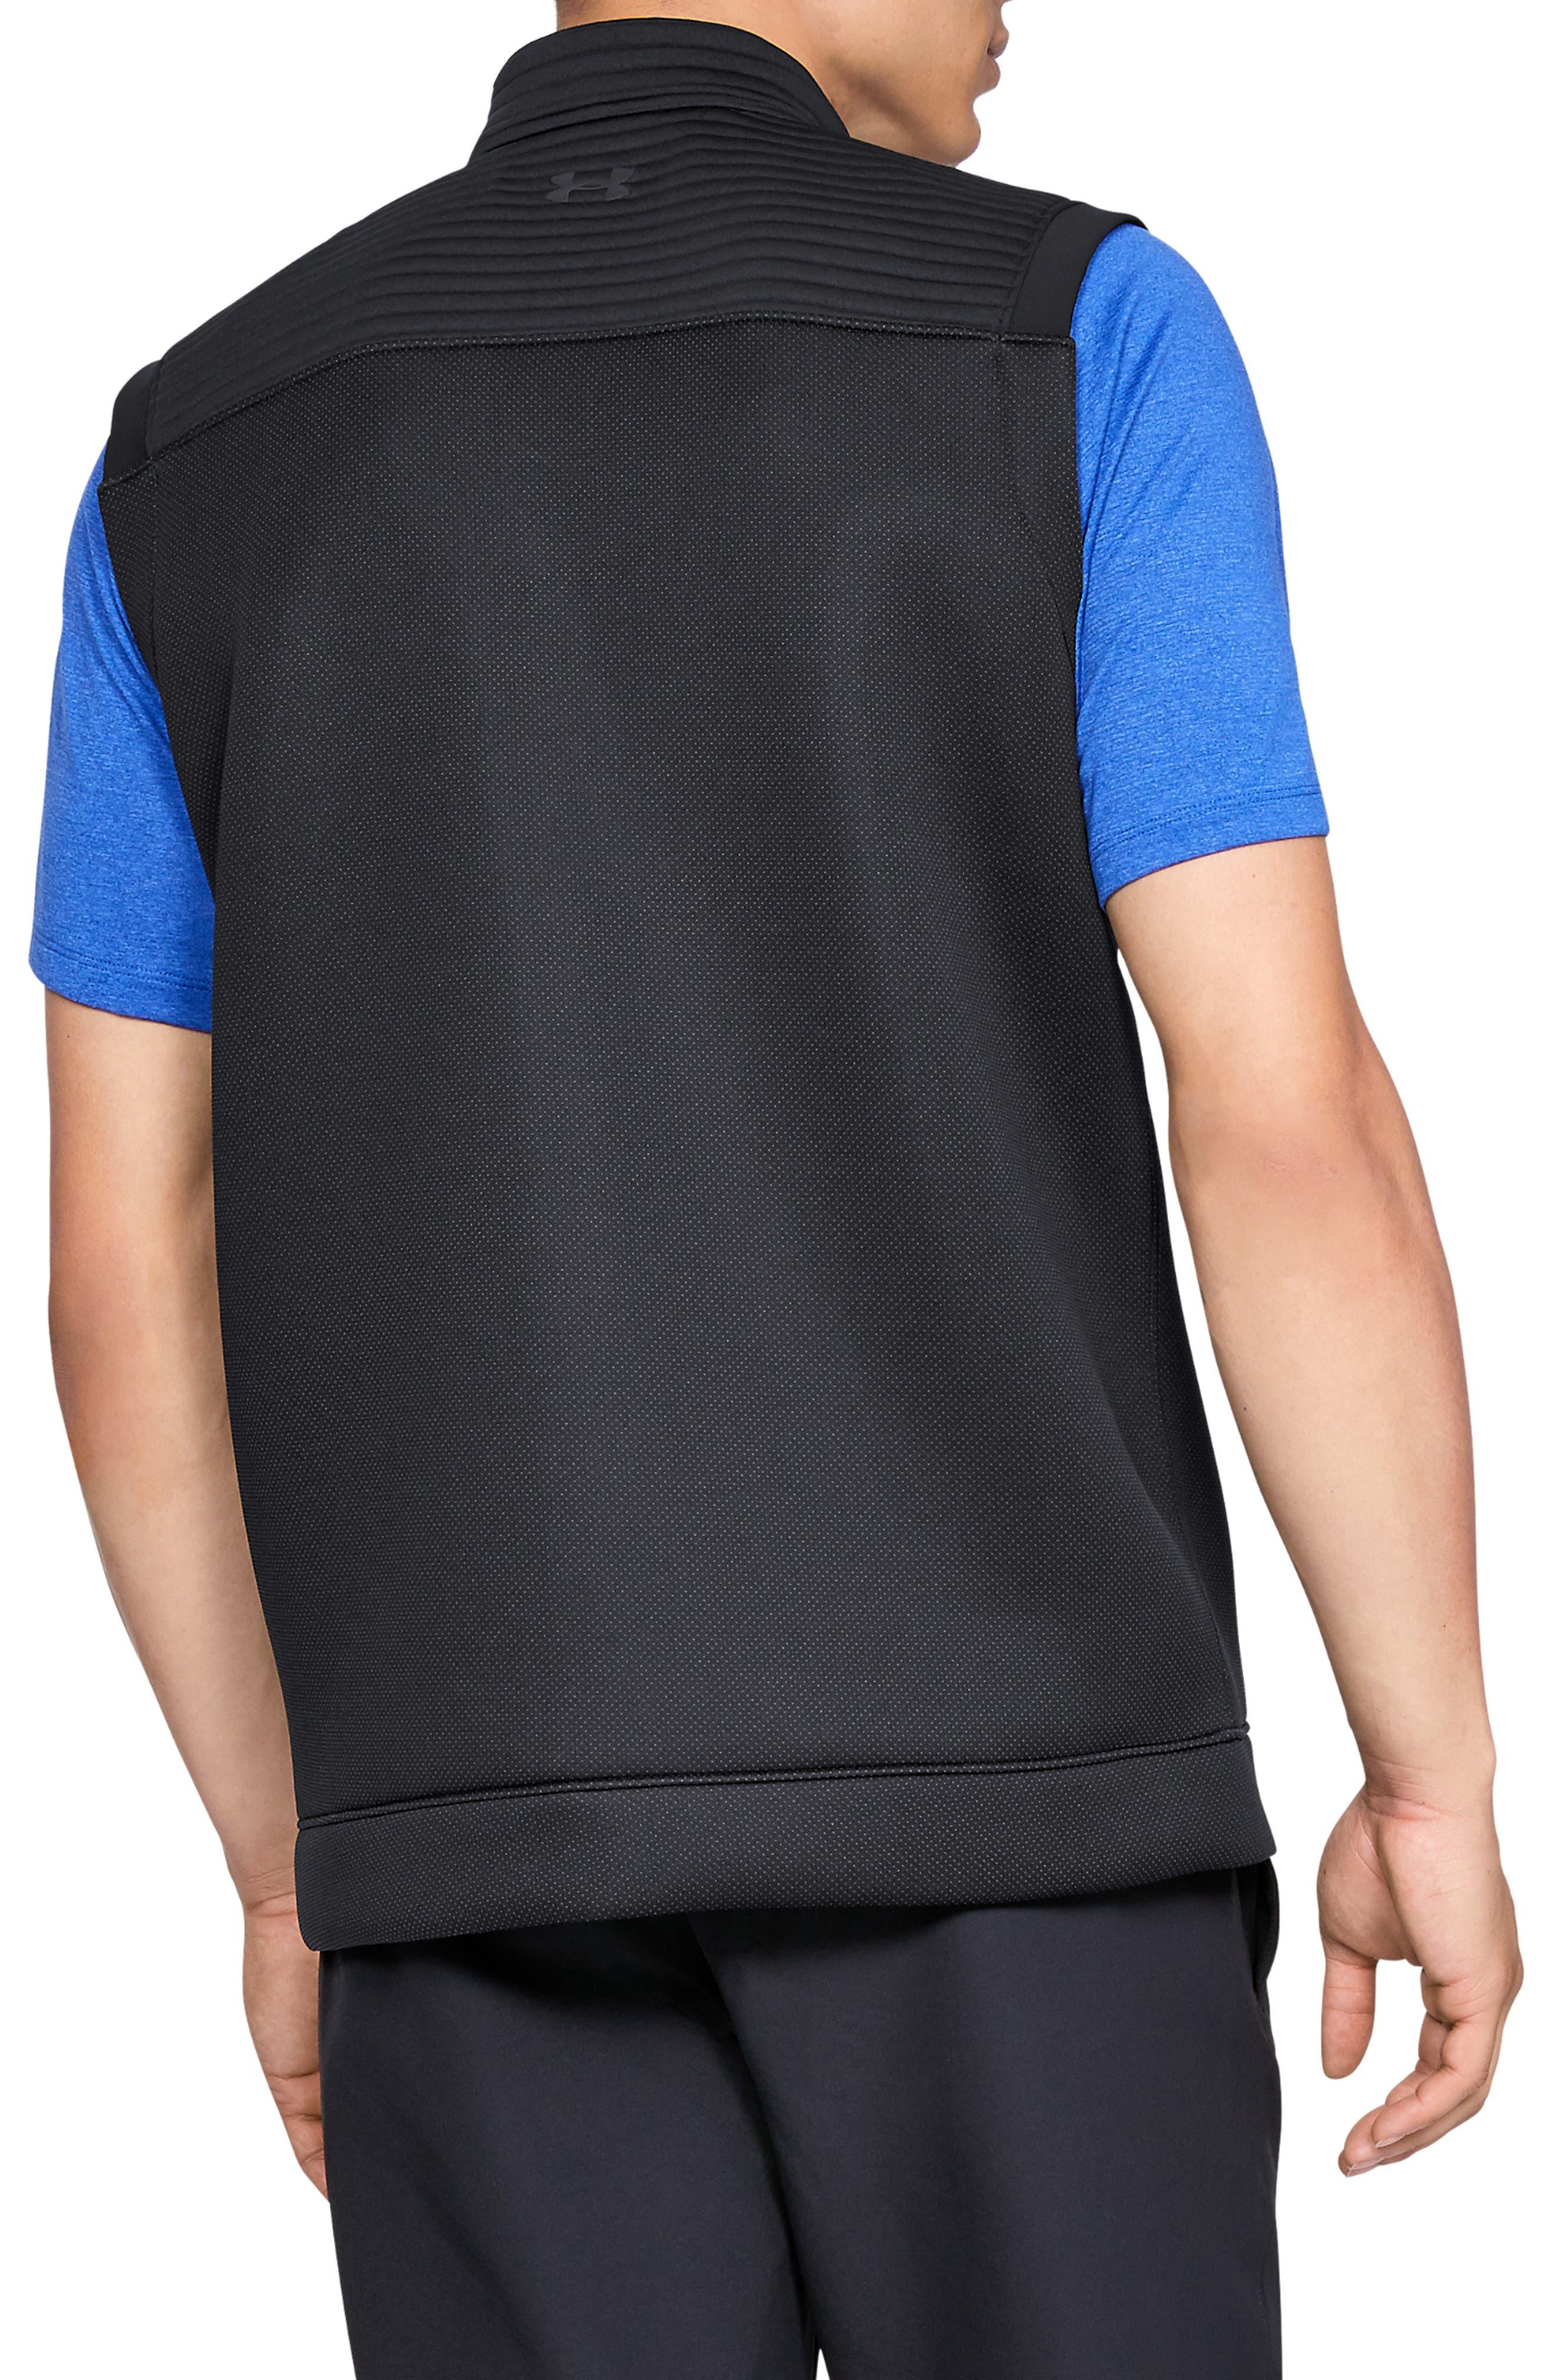 Storm Daytona Vest,                             Alternate thumbnail 2, color,                             BLACK/ BLACK/ BLACK